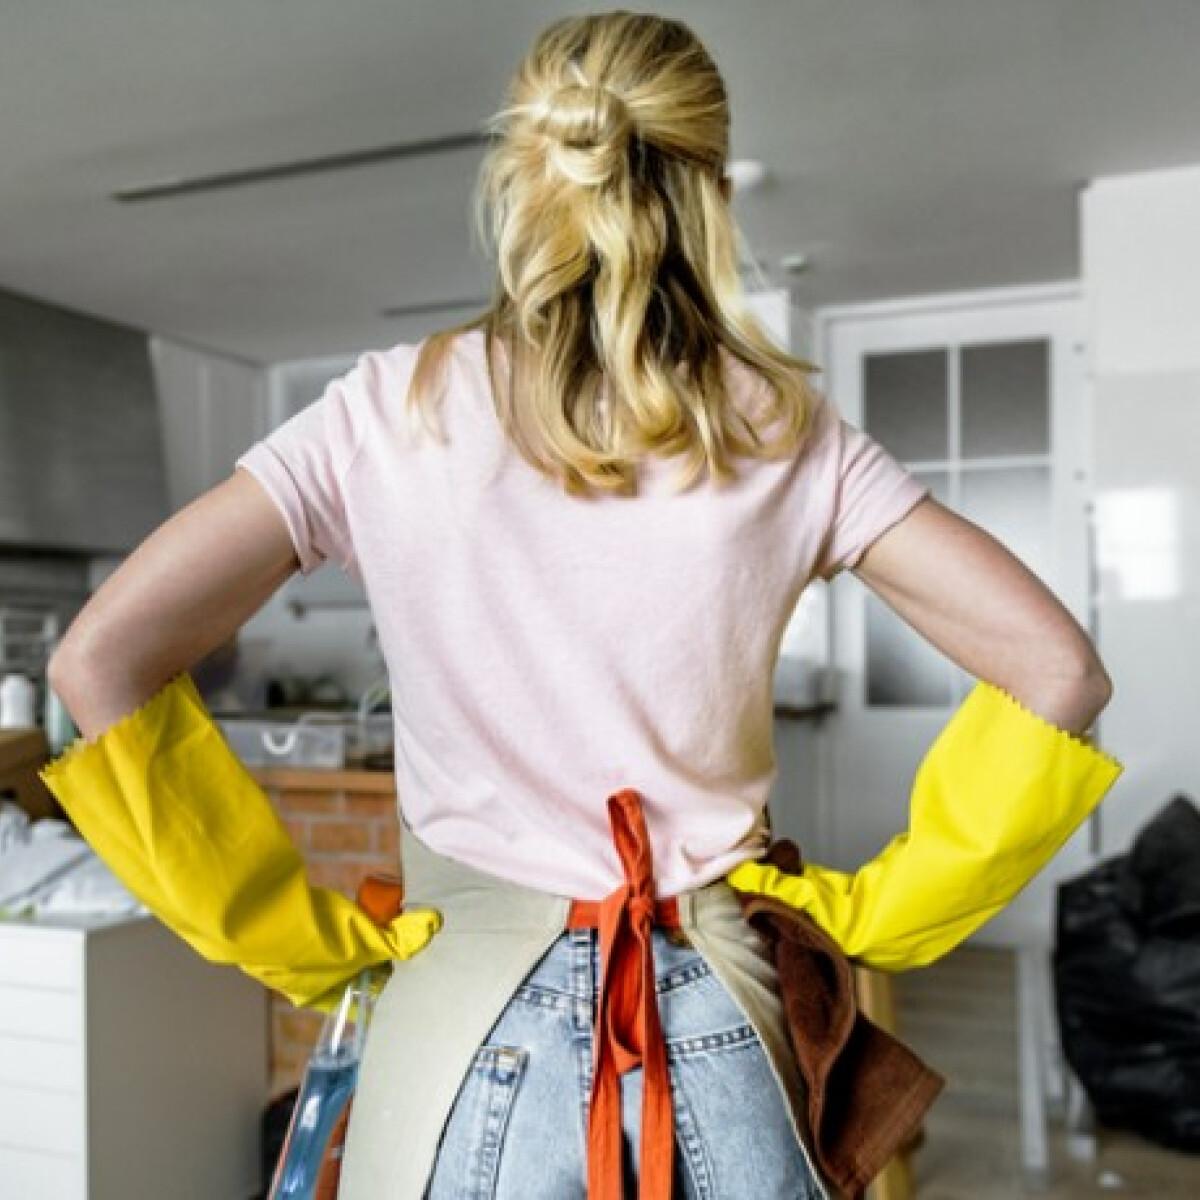 Így tartsd végre tényleg tisztán a lakást az új évben